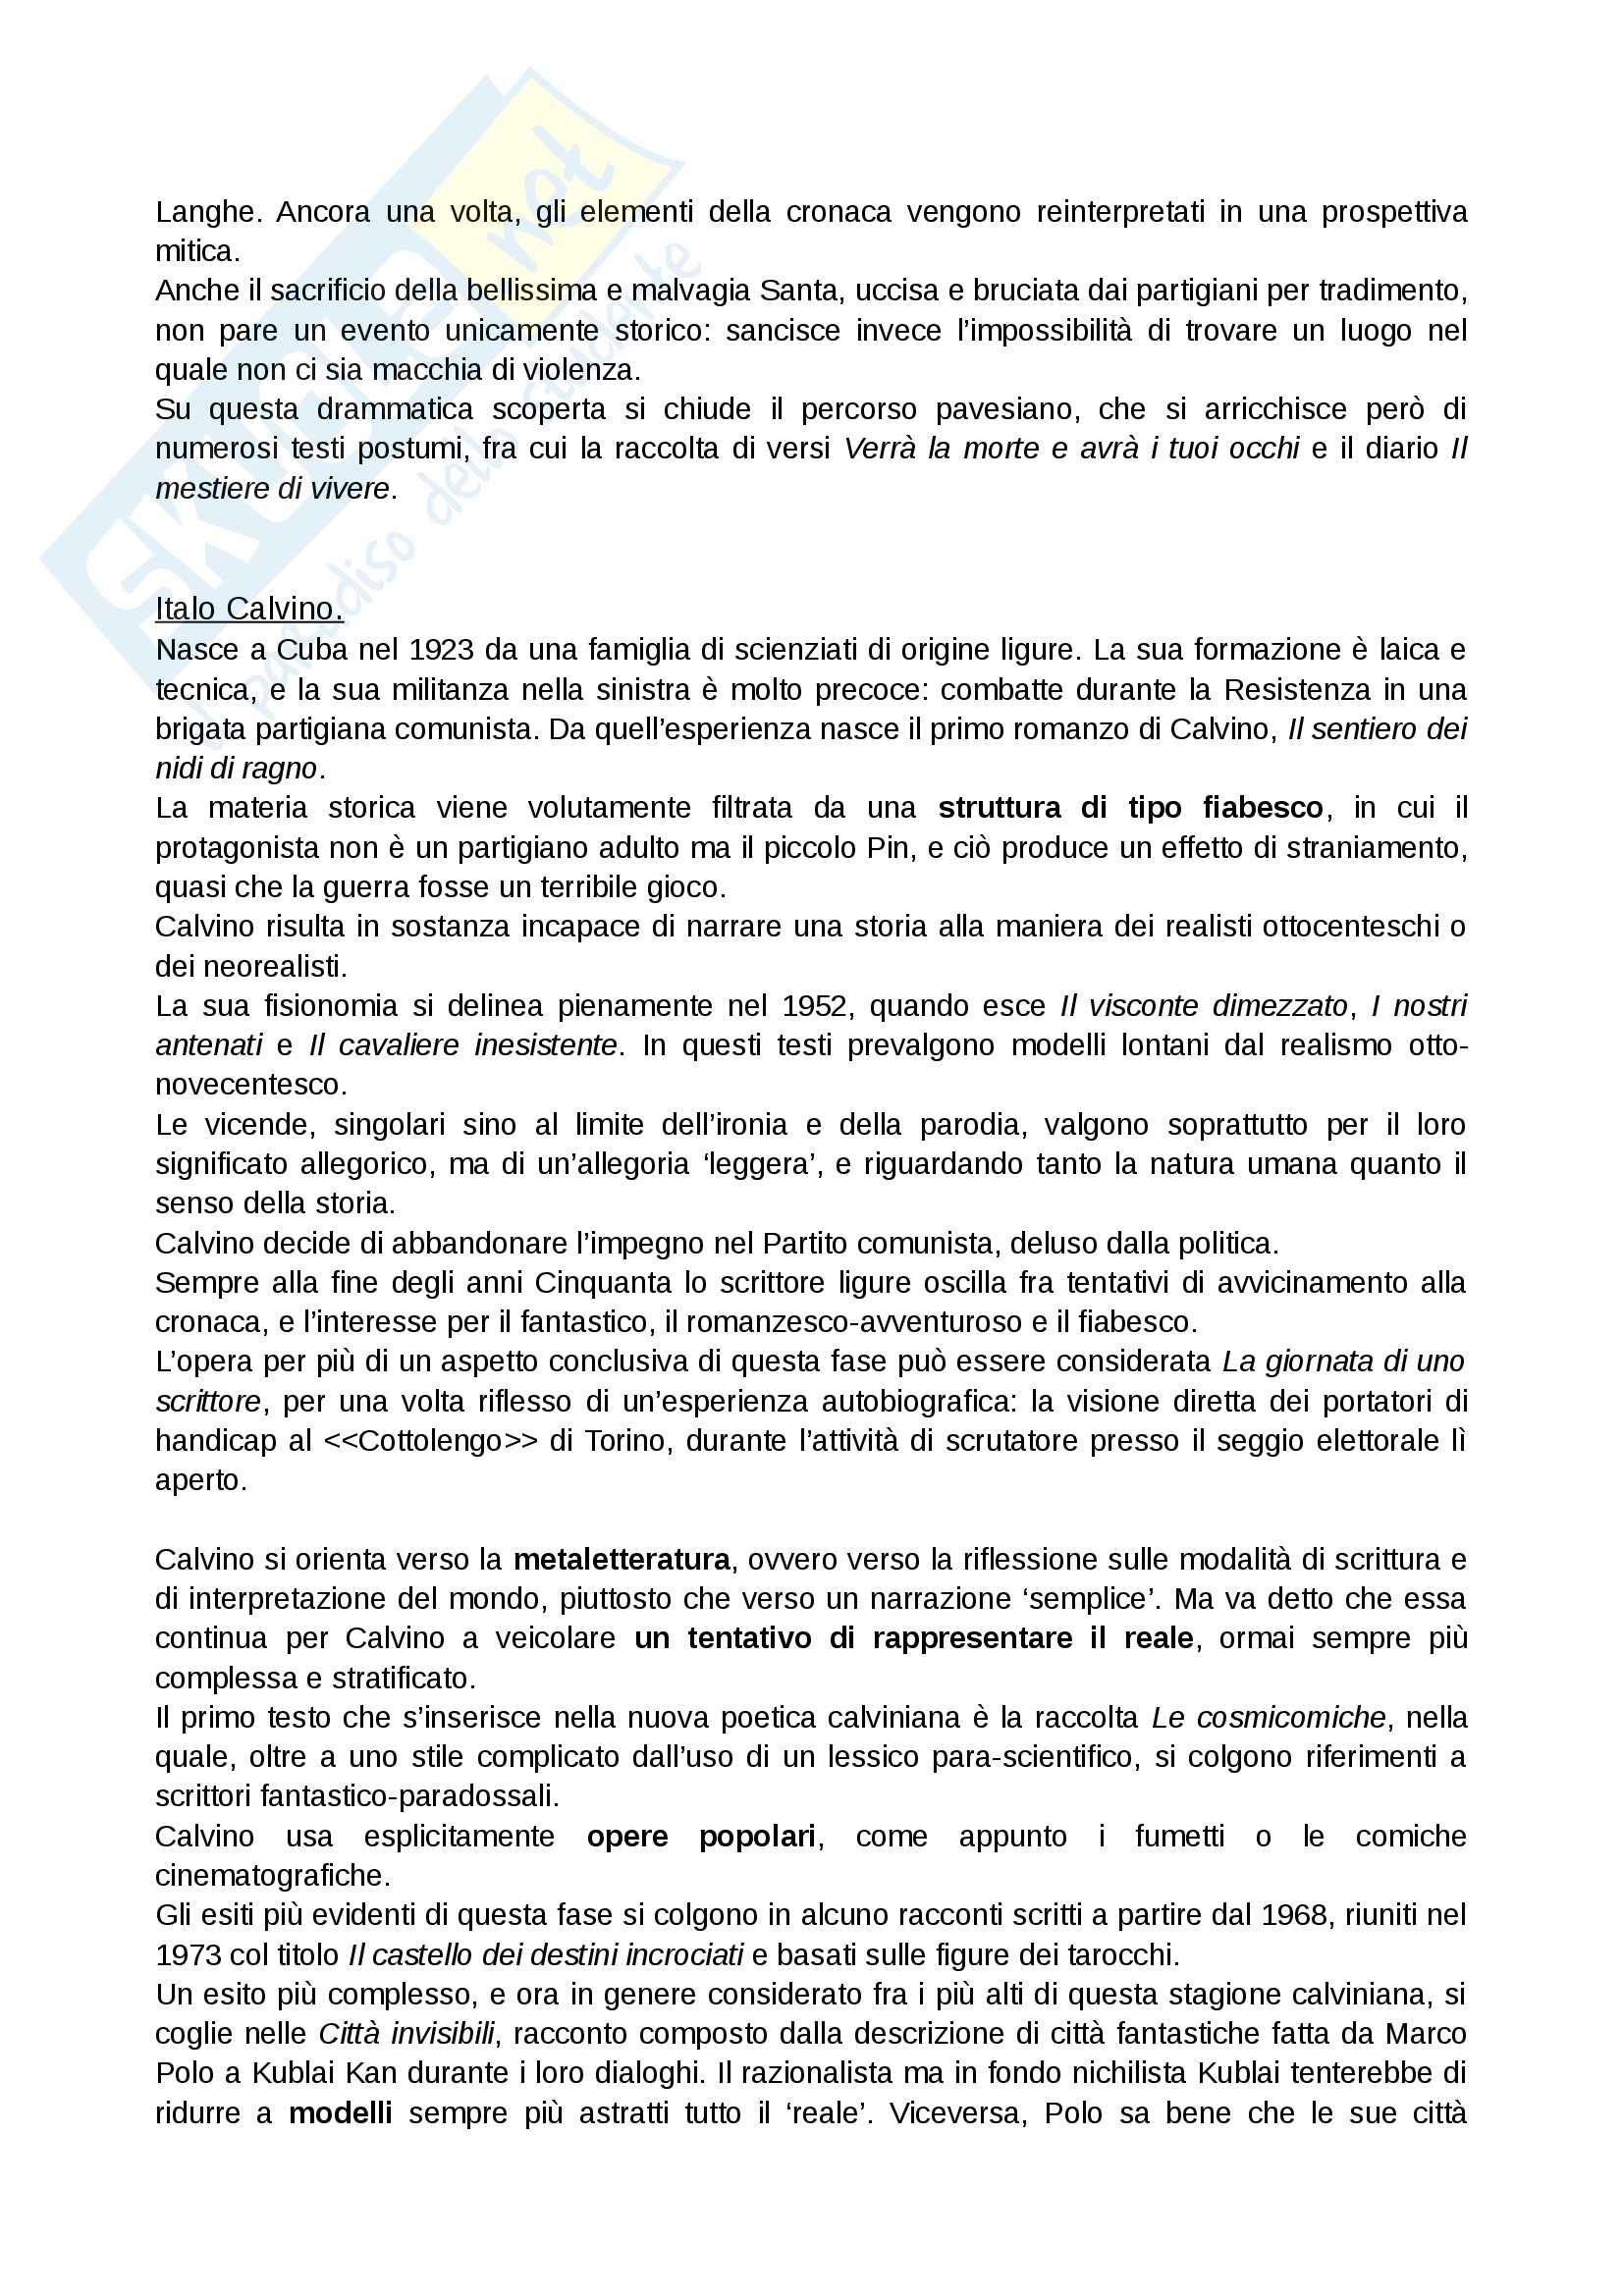 Novecento, Letteratura italiana contemporanea Pag. 21